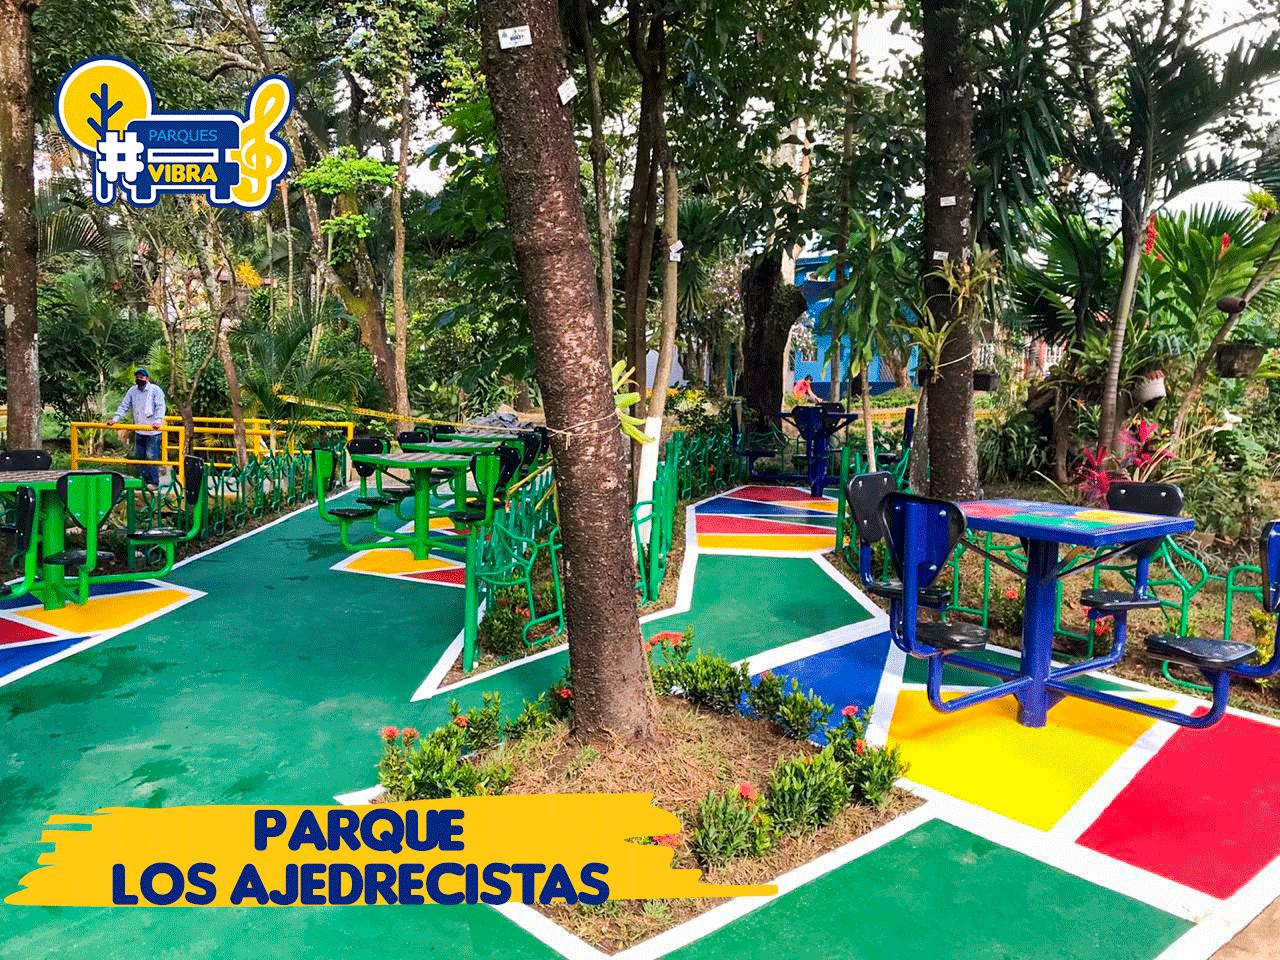 Parque Los Ajedrecistas